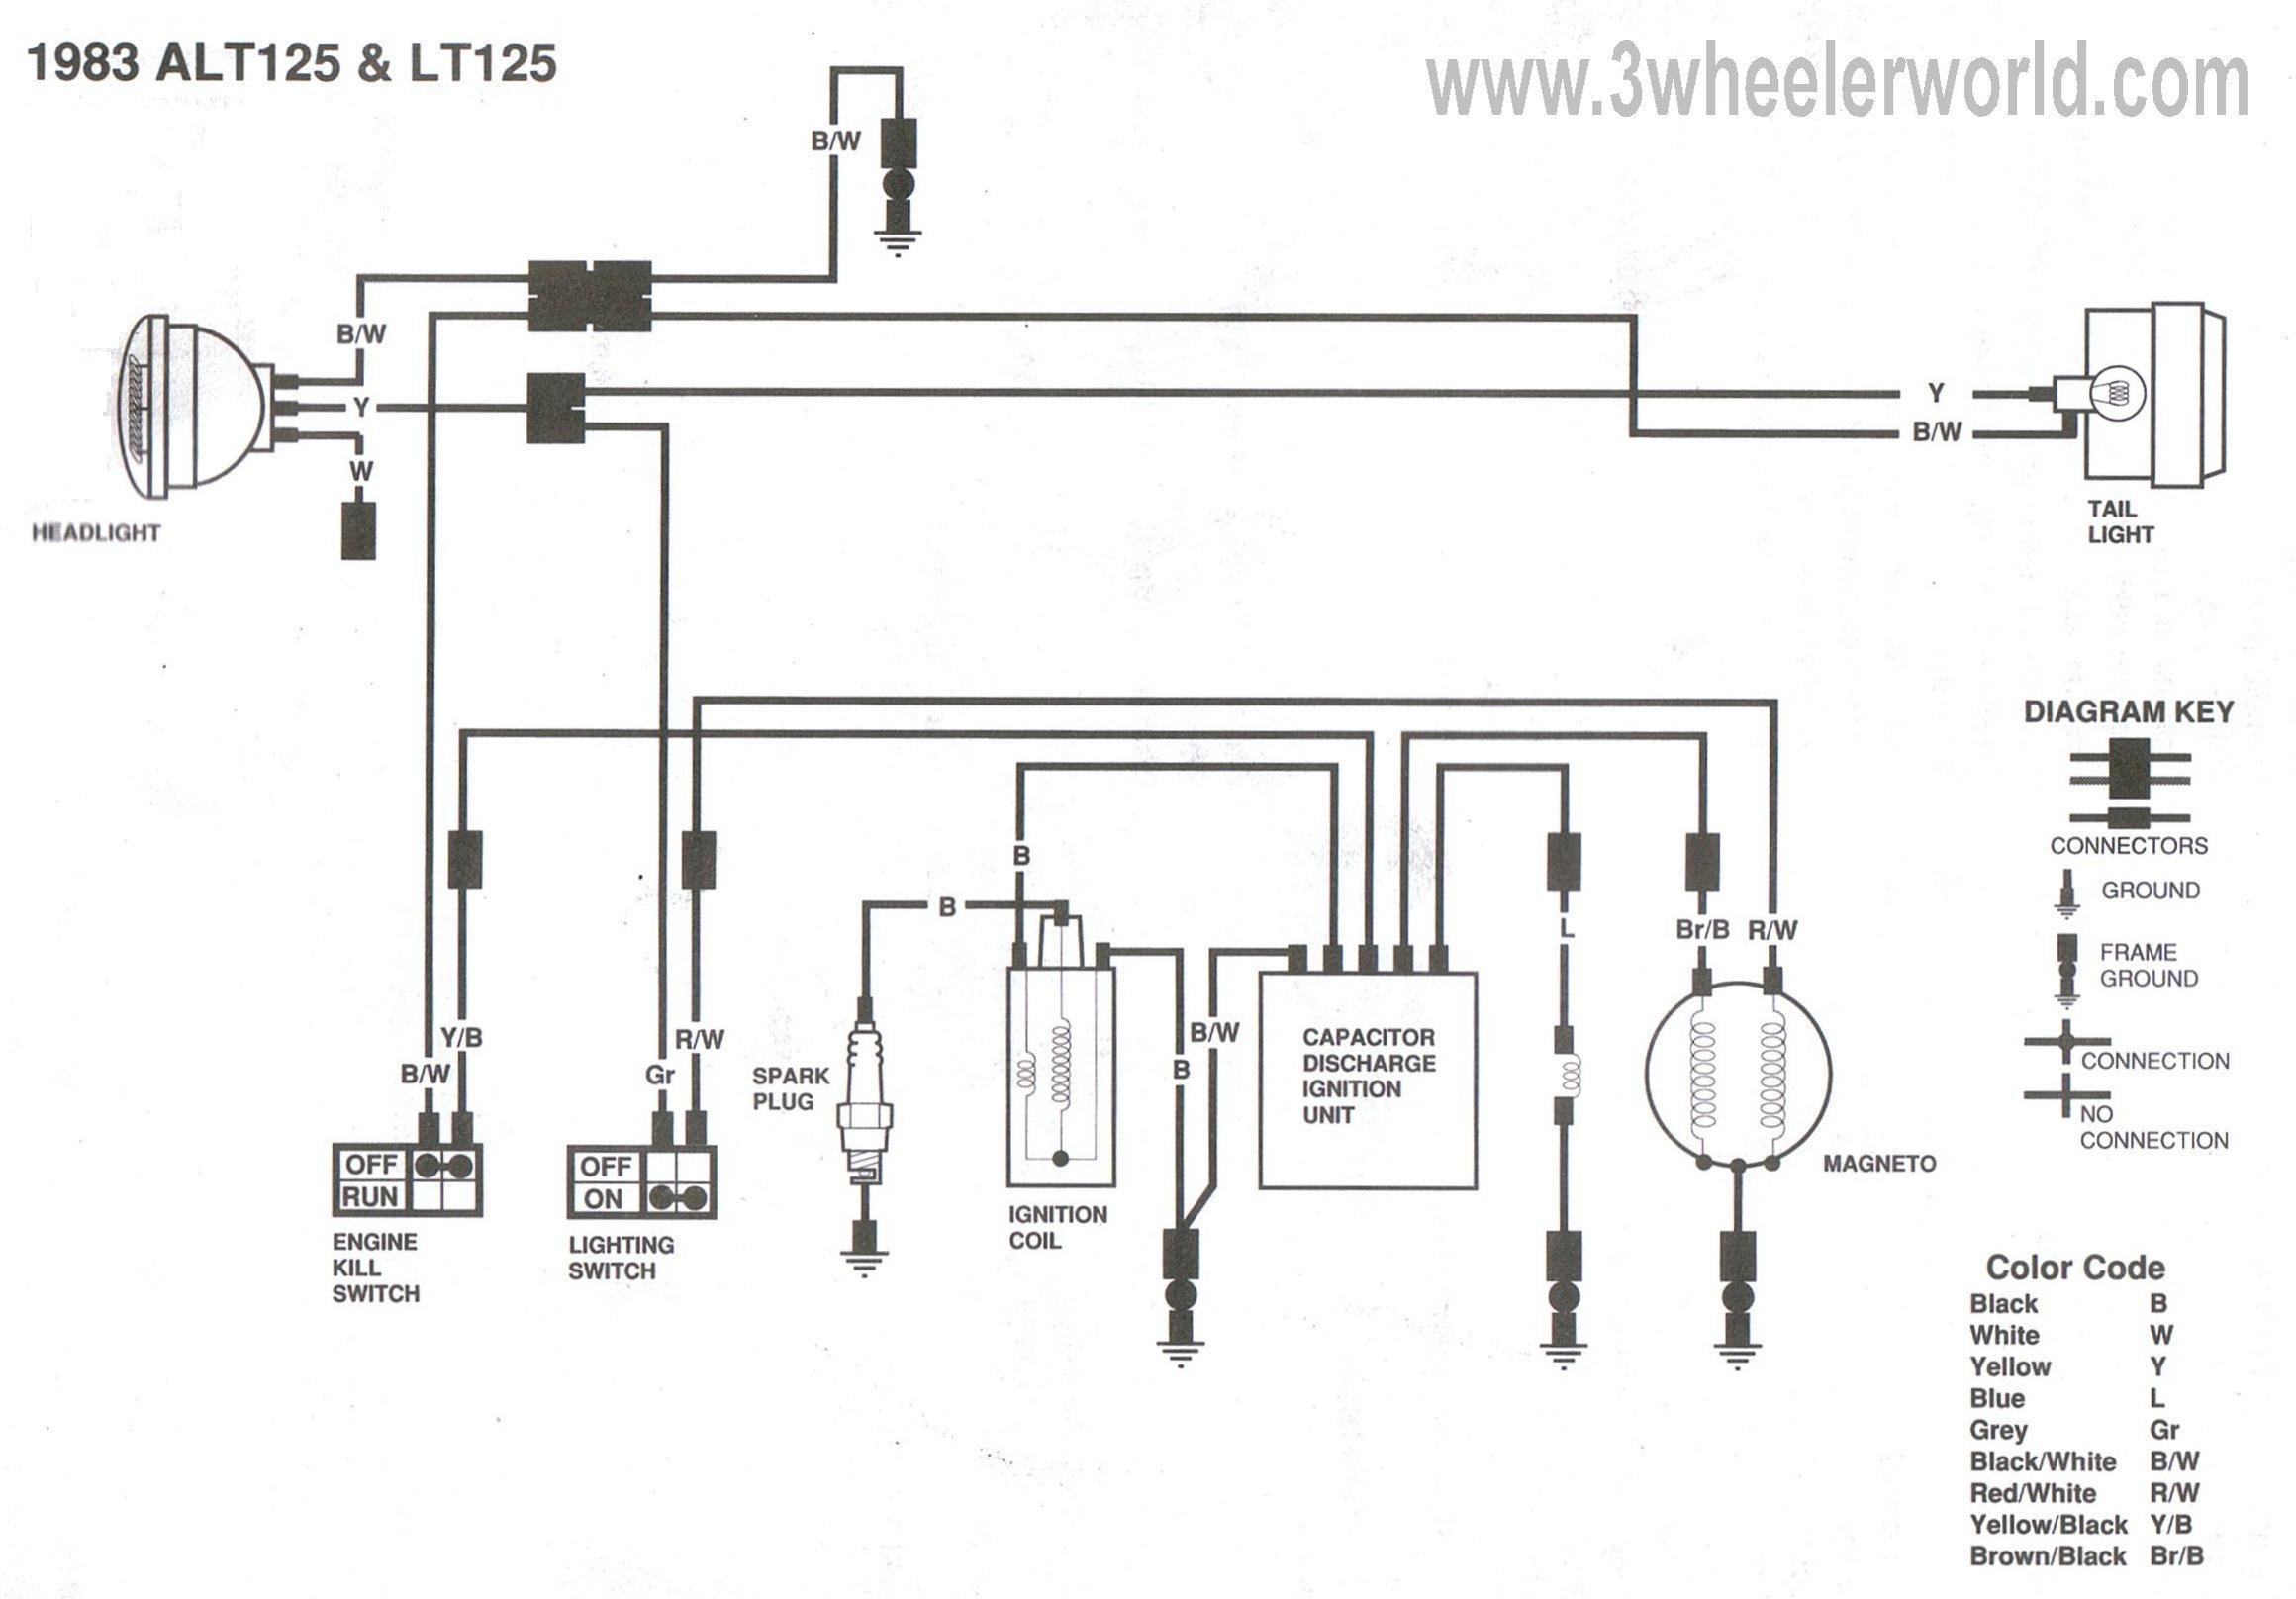 3WHeeLeR WoRLD - Suzuki ALT125